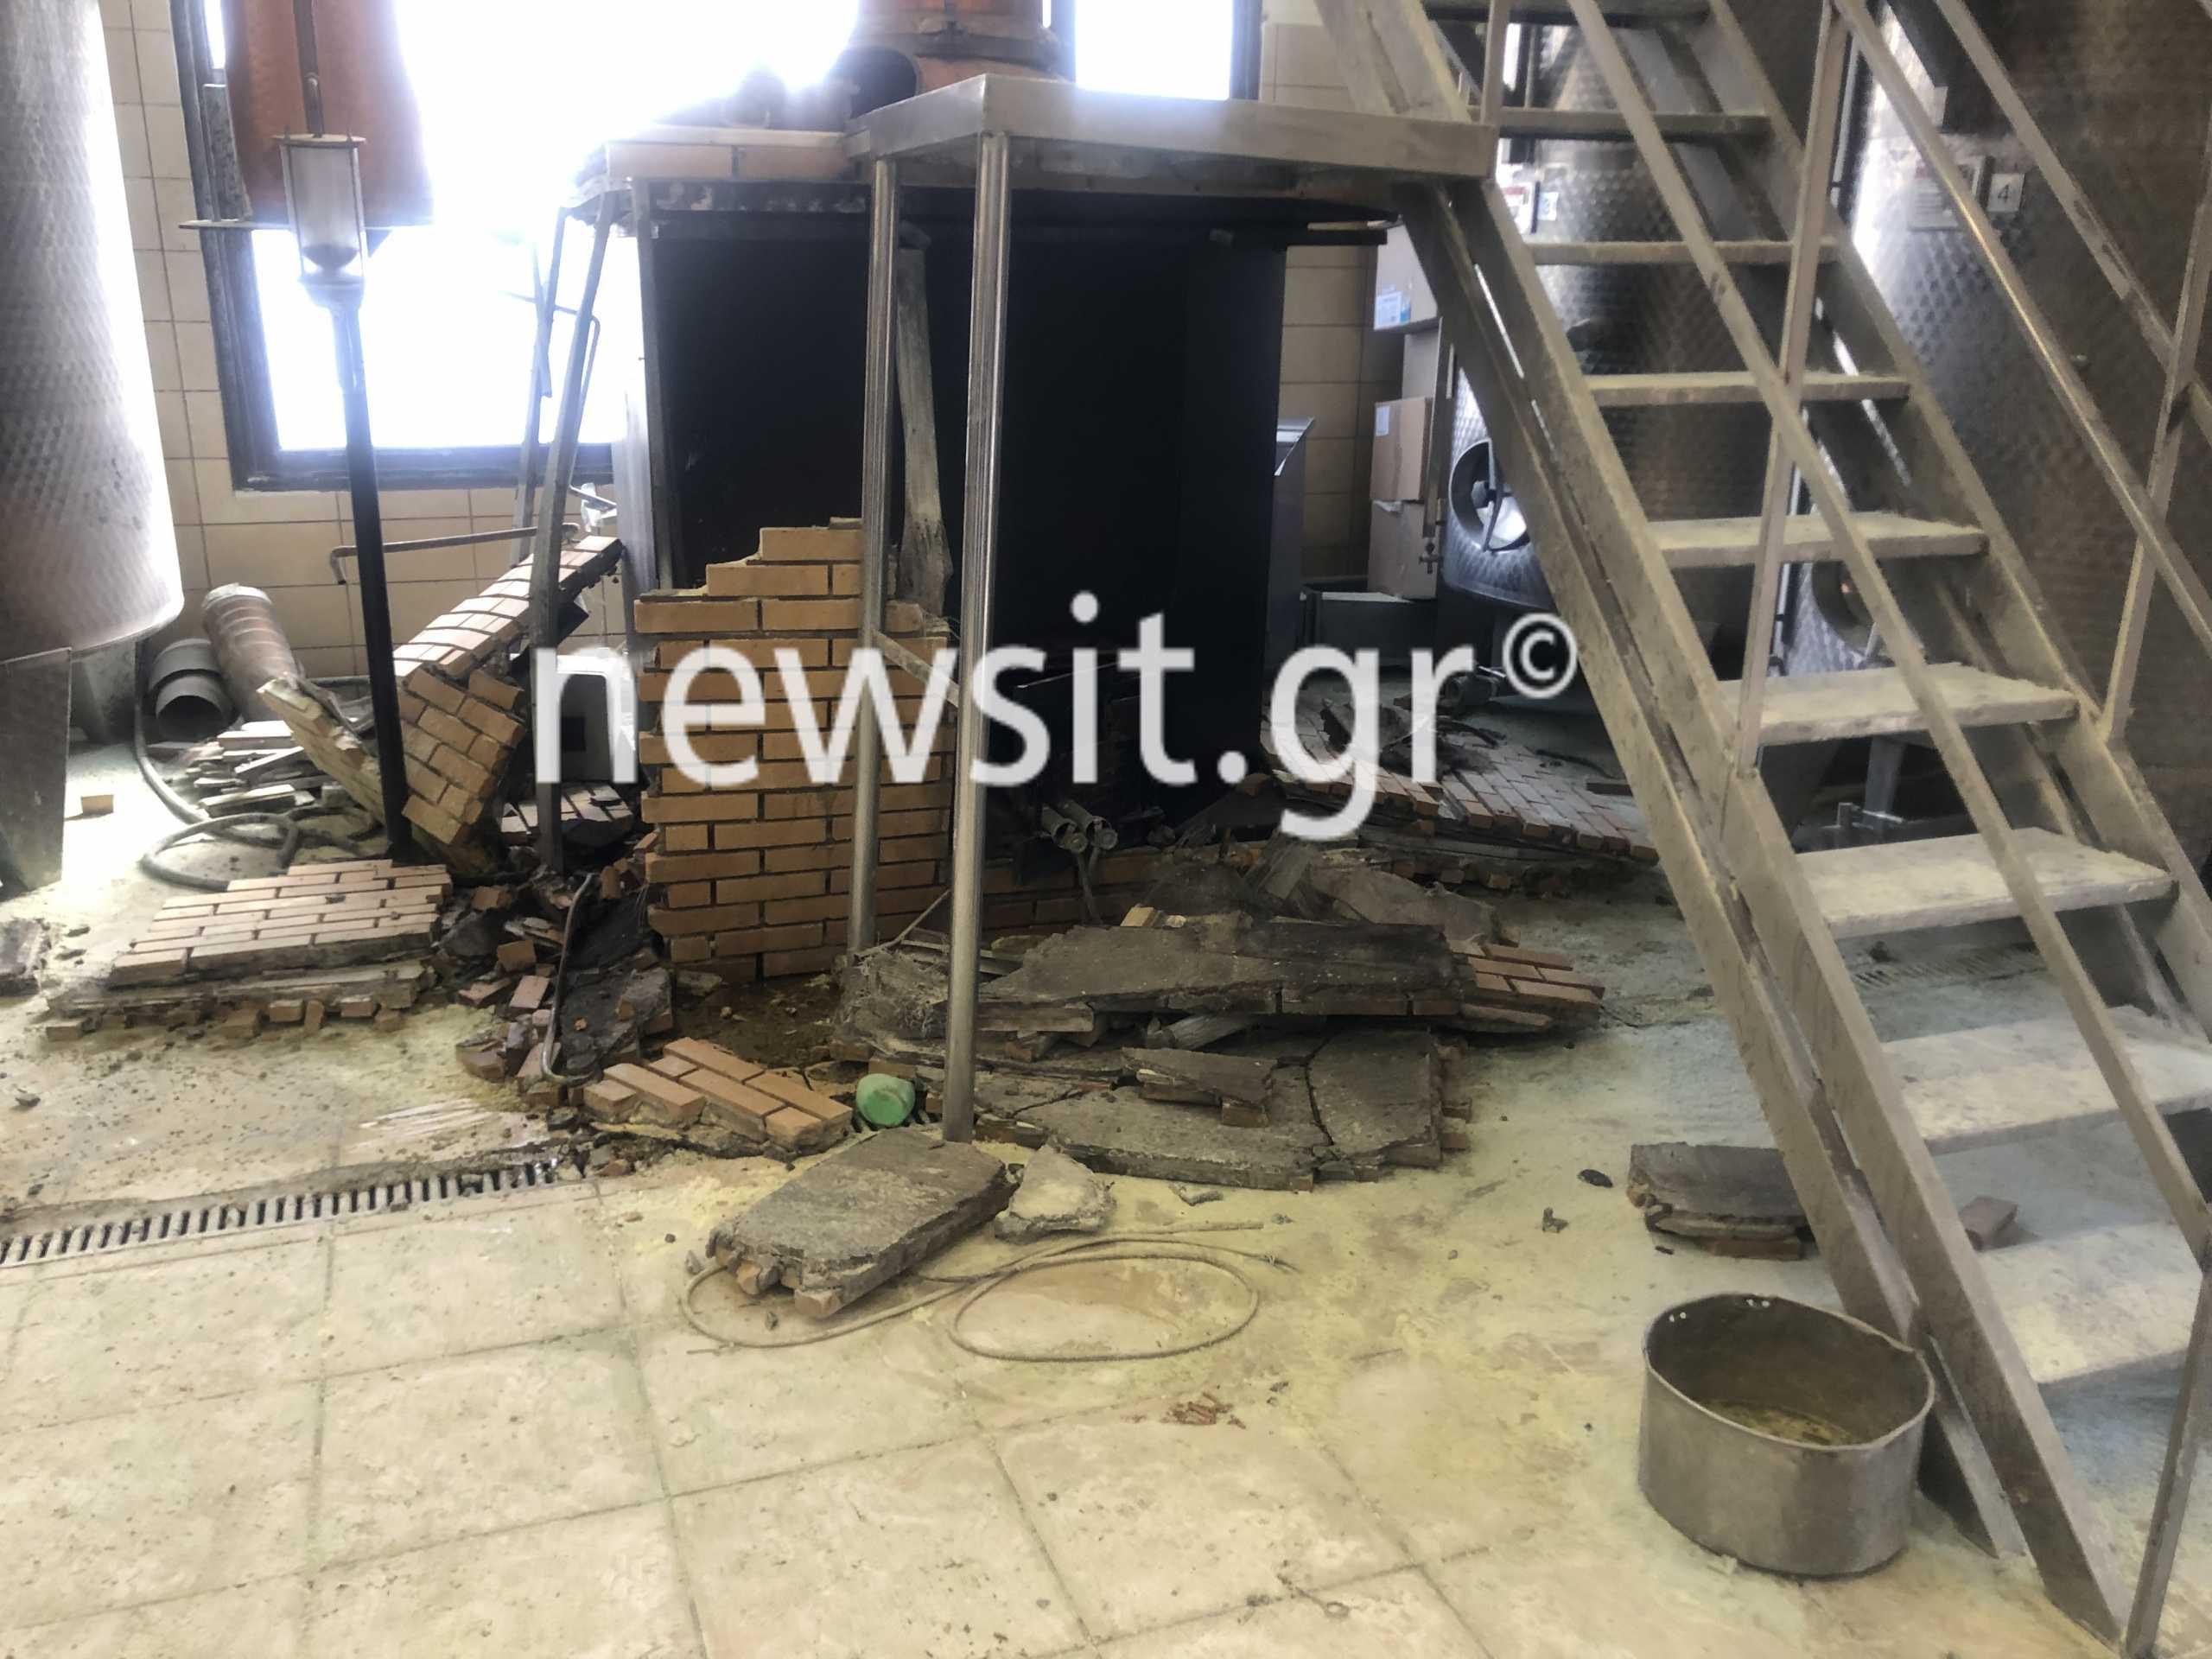 Συγκλονιστικές εικόνες λίγο μετά την έκρηξη στο αποστακτήριο του Τυρνάβου (pics)